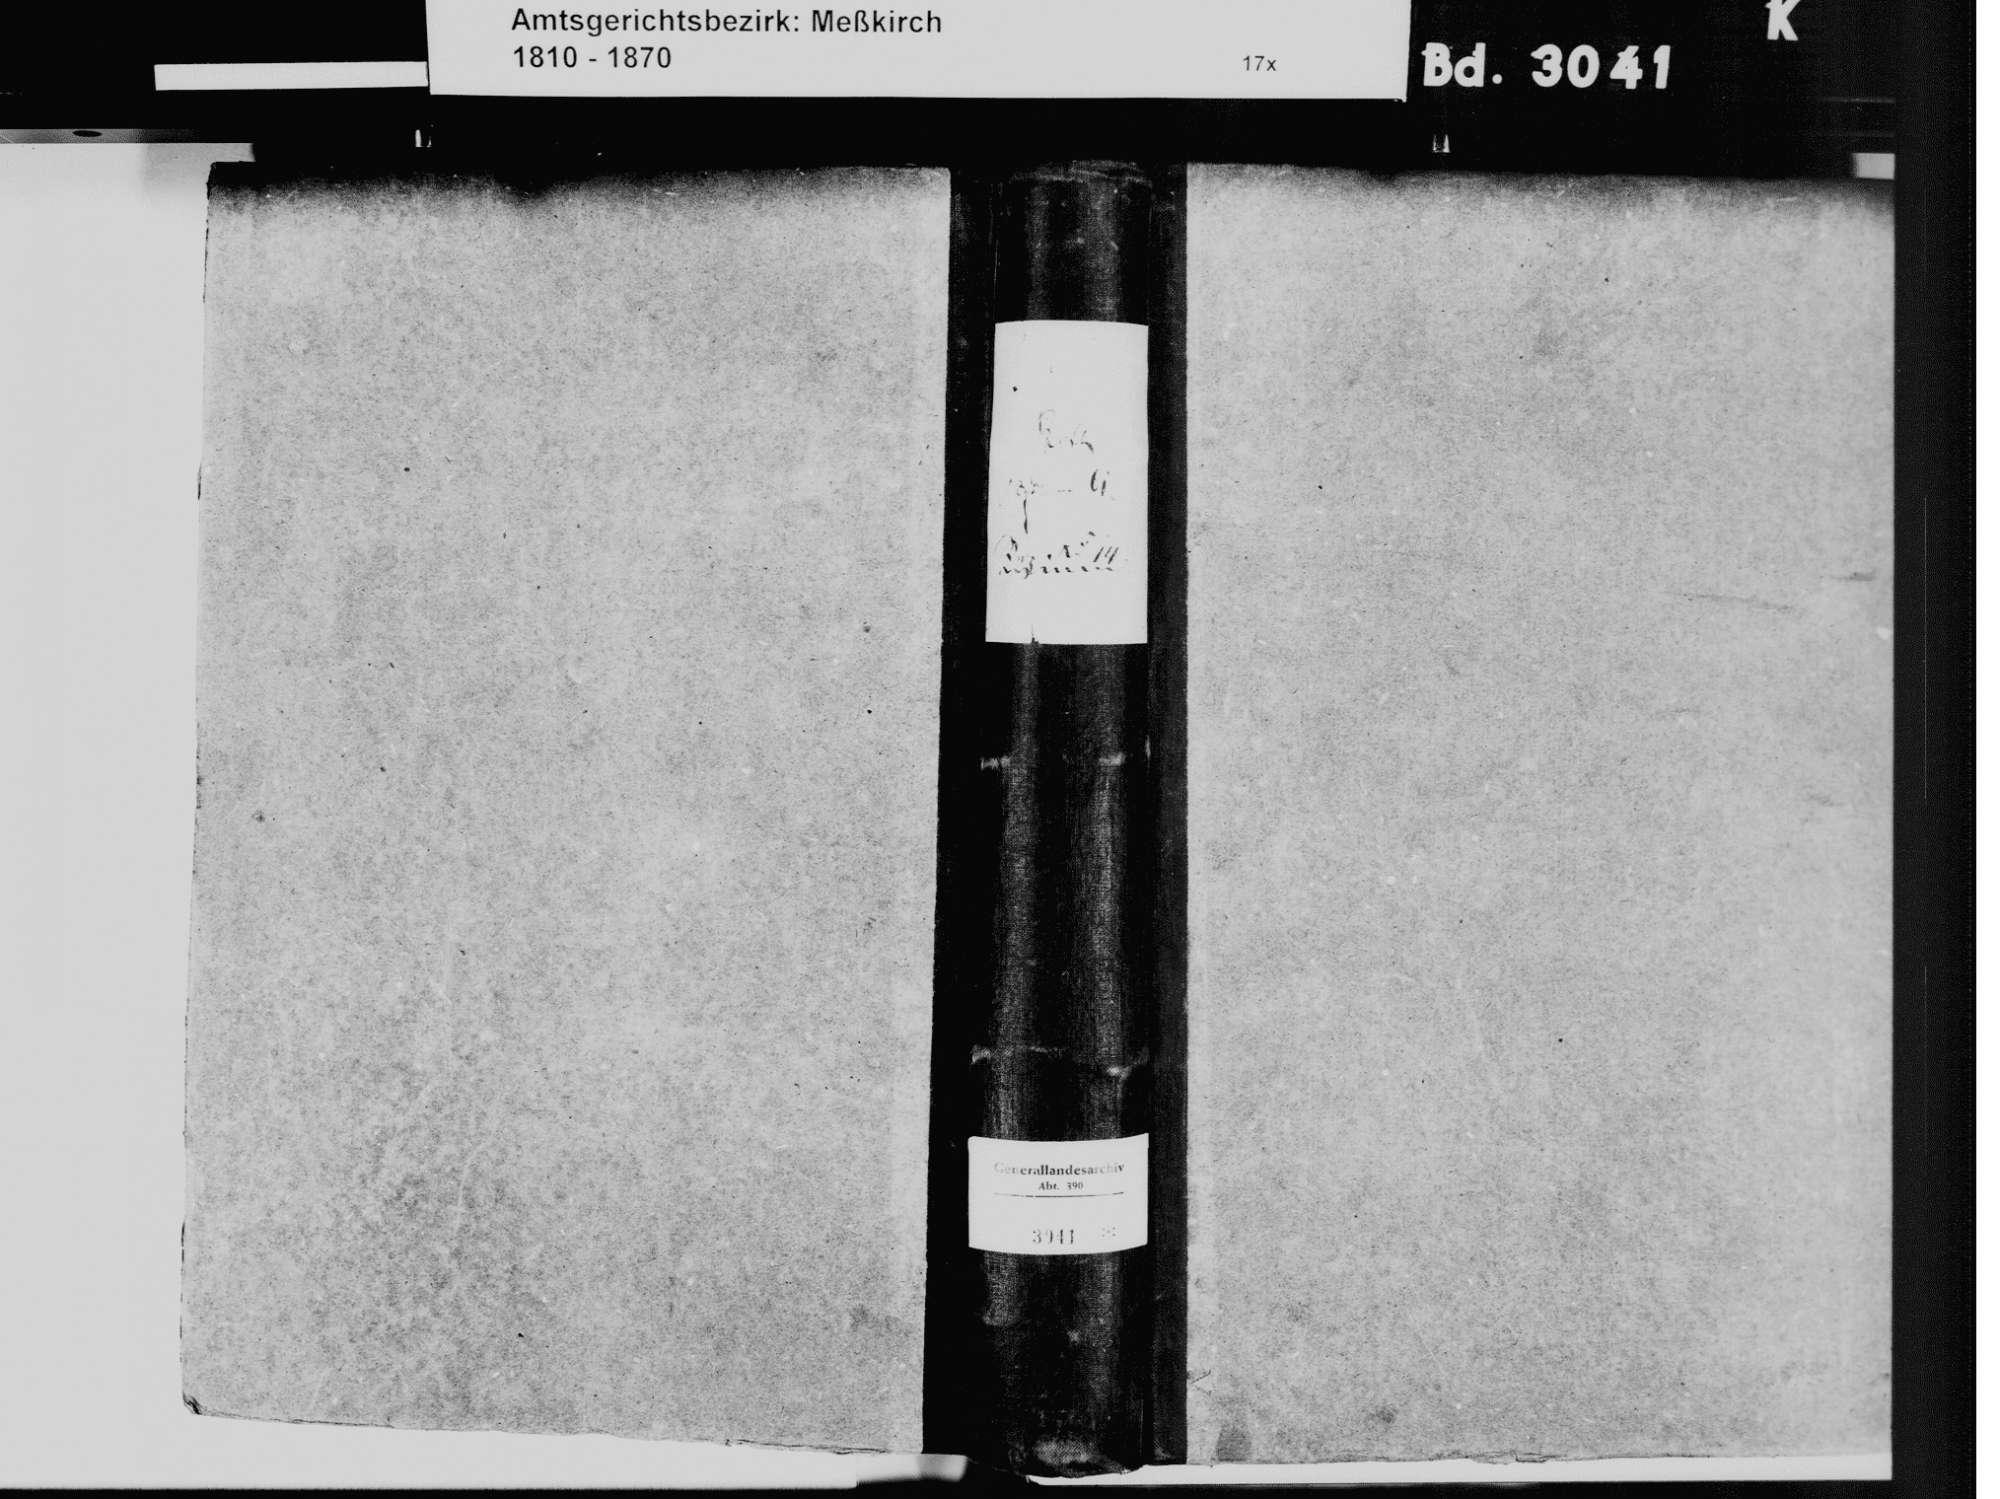 Sauldorf SIG; Katholische Gemeinde: Geburtenbuch 1822, 1840 Sauldorf SIG; Katholische Gemeinde: Heiratsbuch 1823, Bild 2